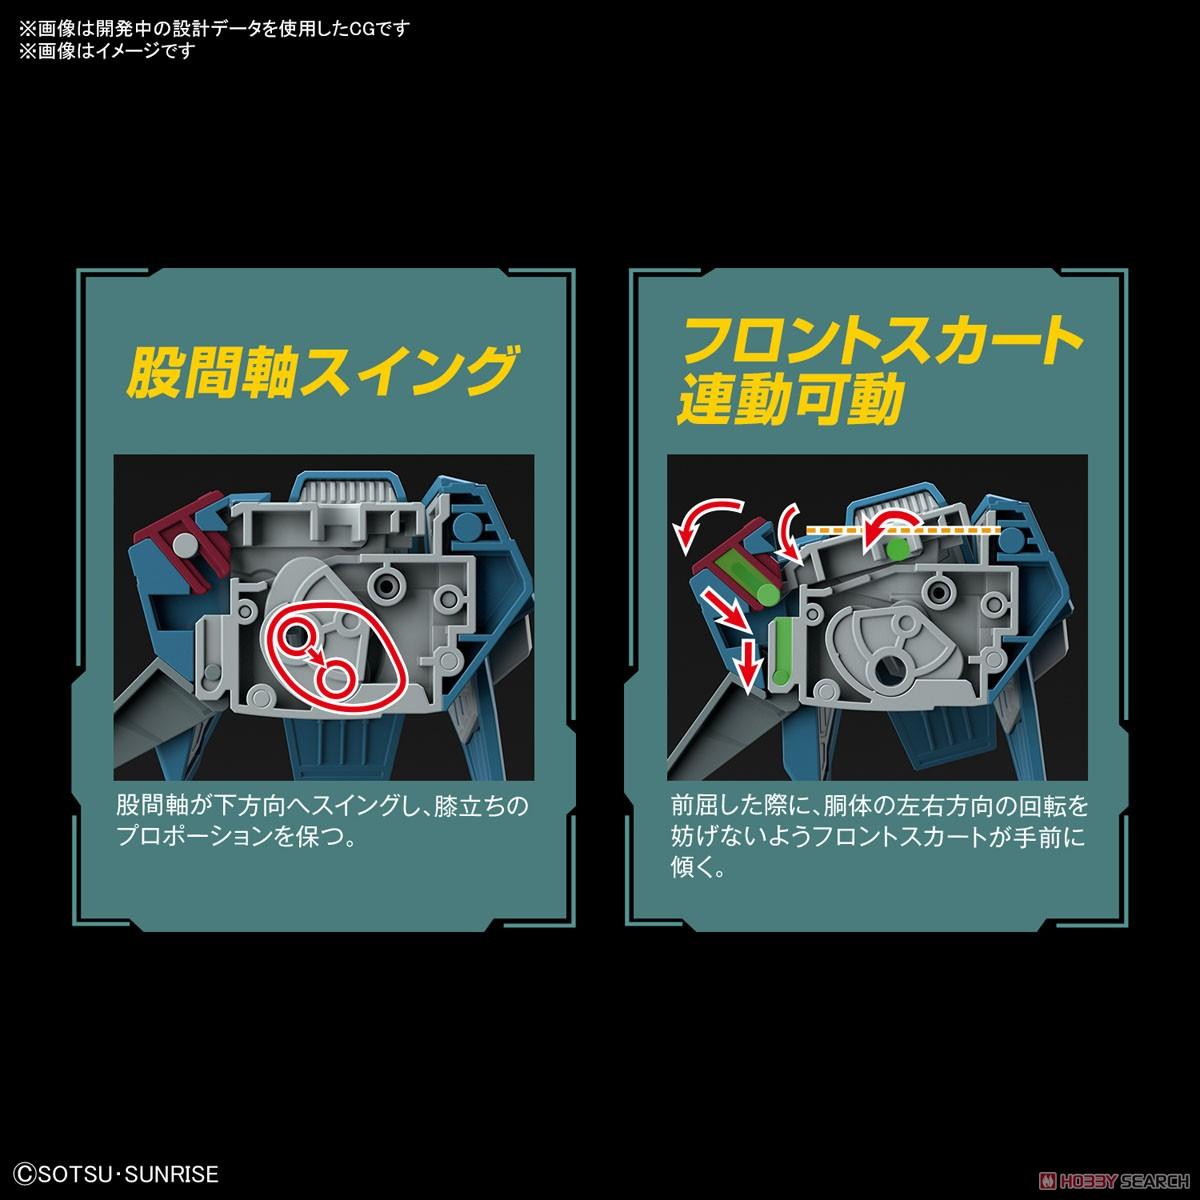 FULL MECHANICS 1/100『カラミティガンダム』ガンダムSEED プラモデル-008